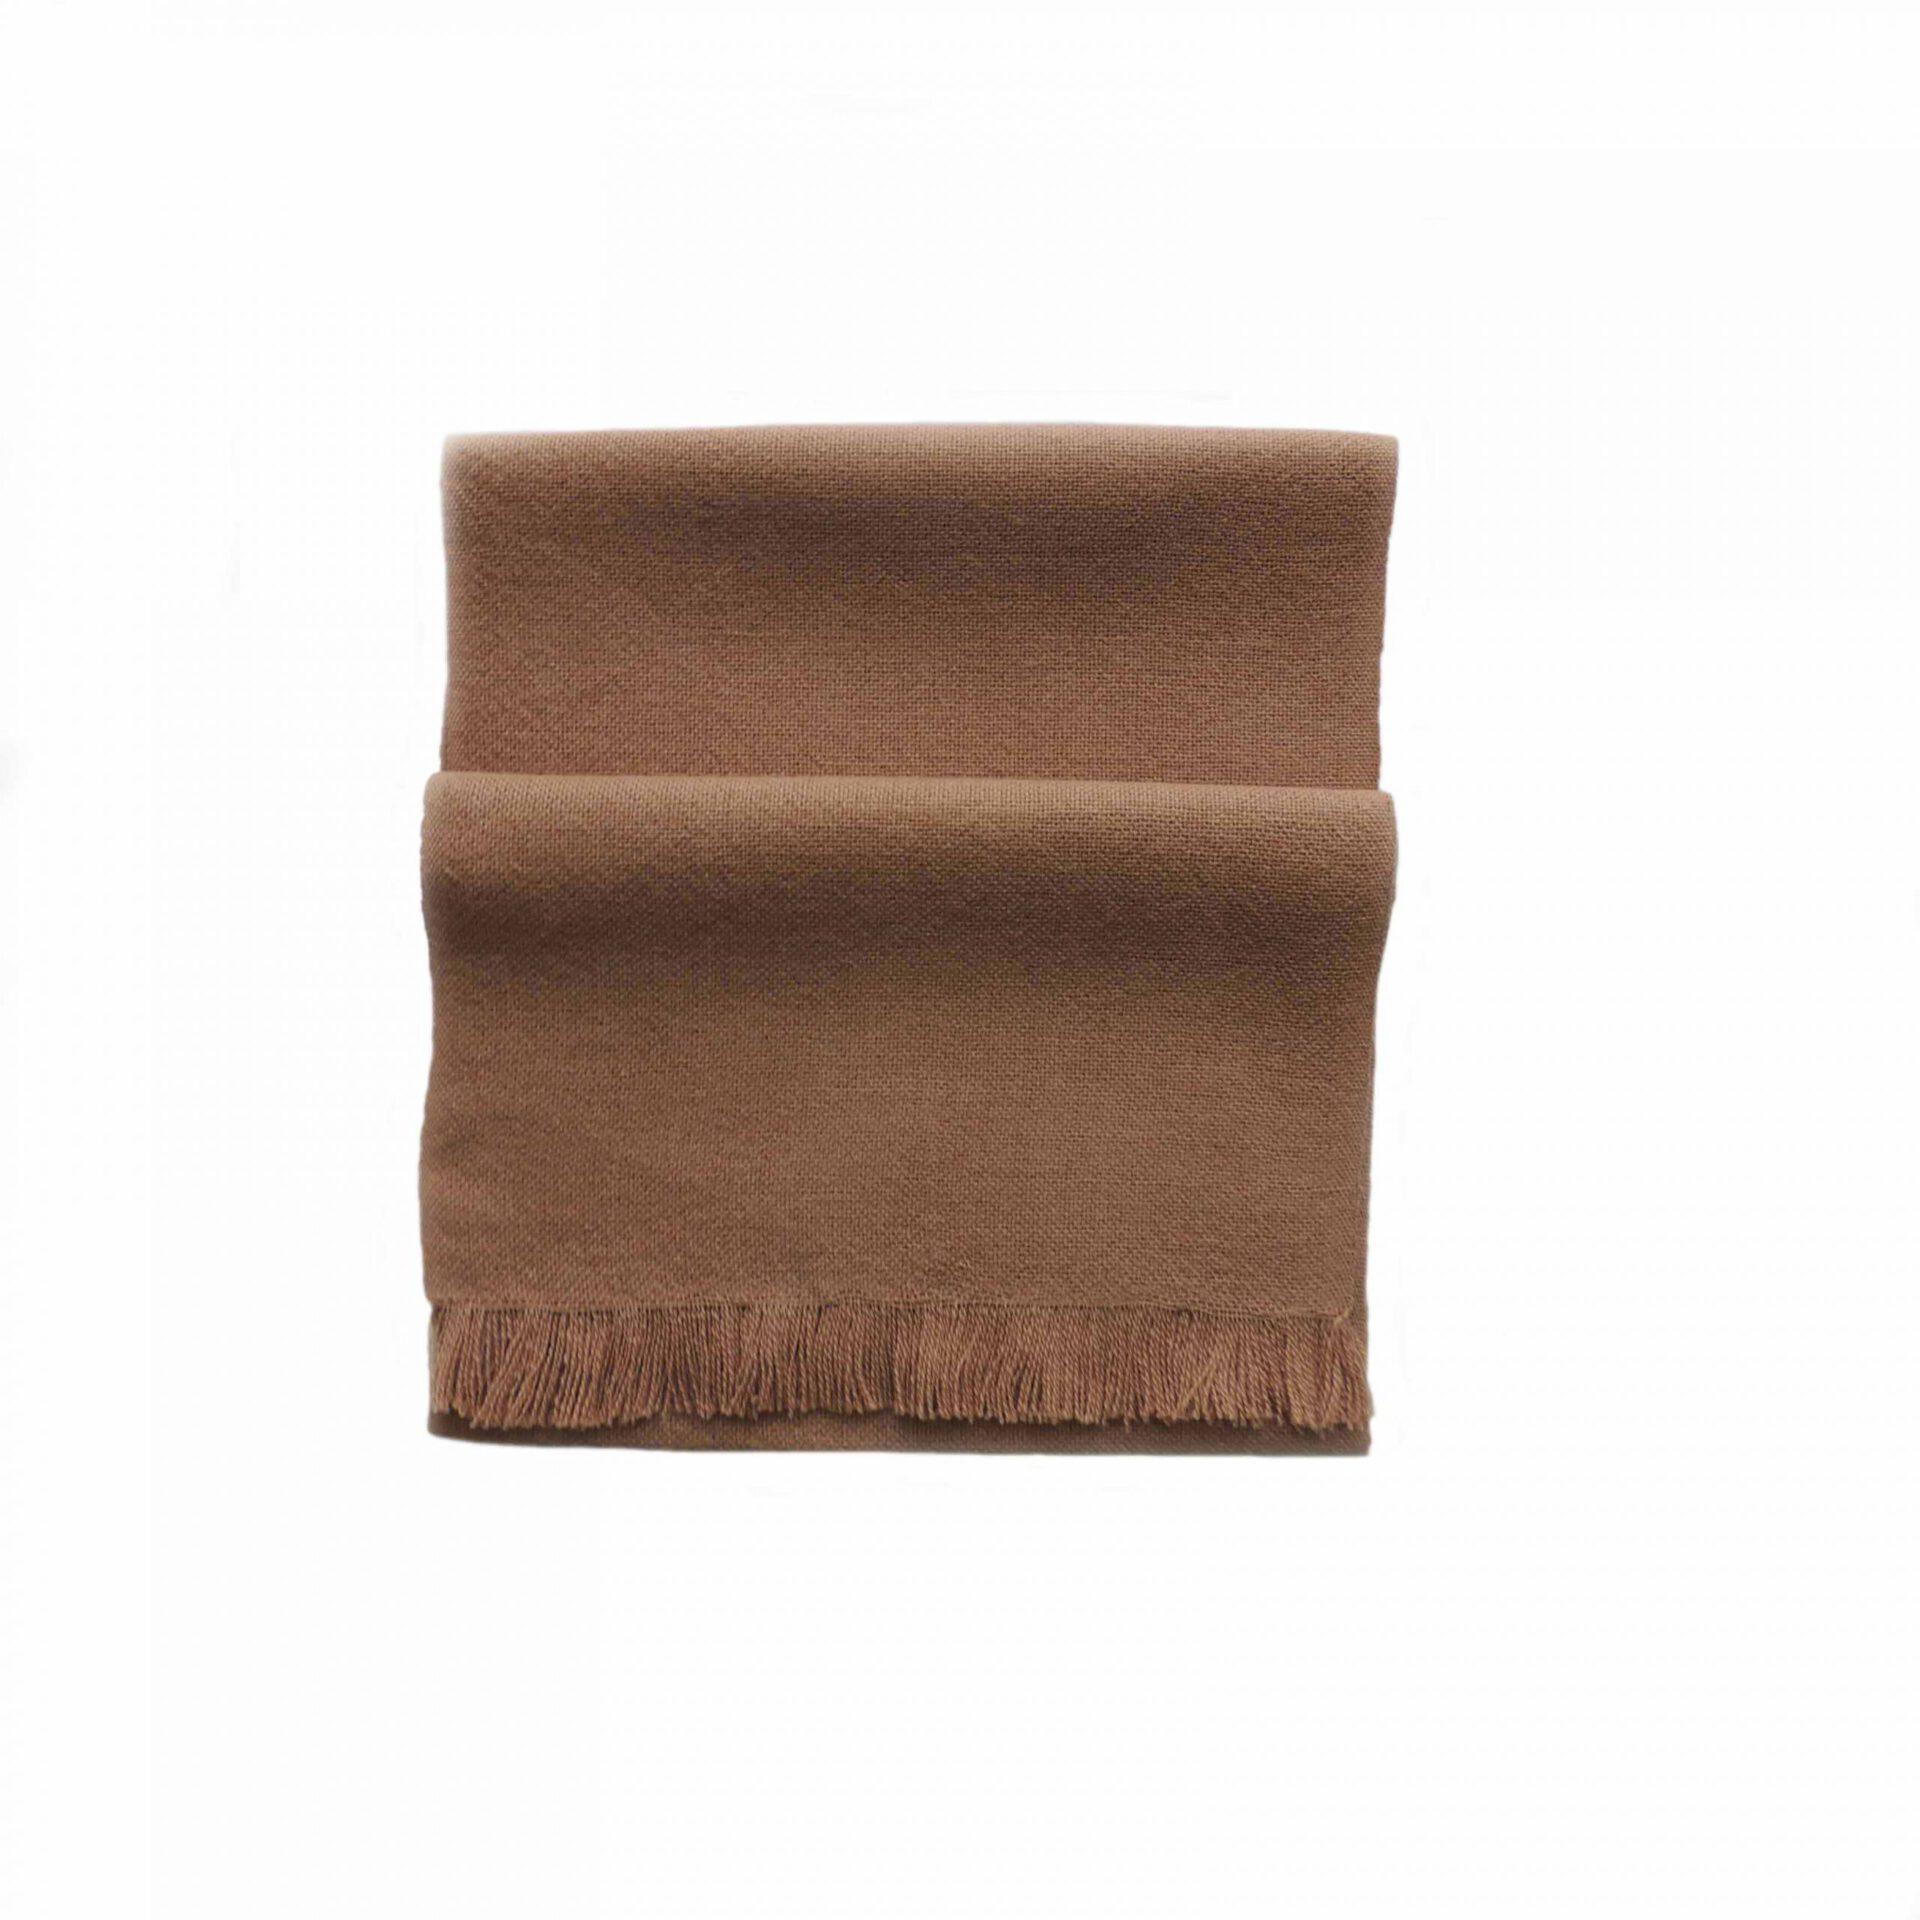 PopsFL Peru wholesale manufactor Handwoven scarf solid color baby alpaca